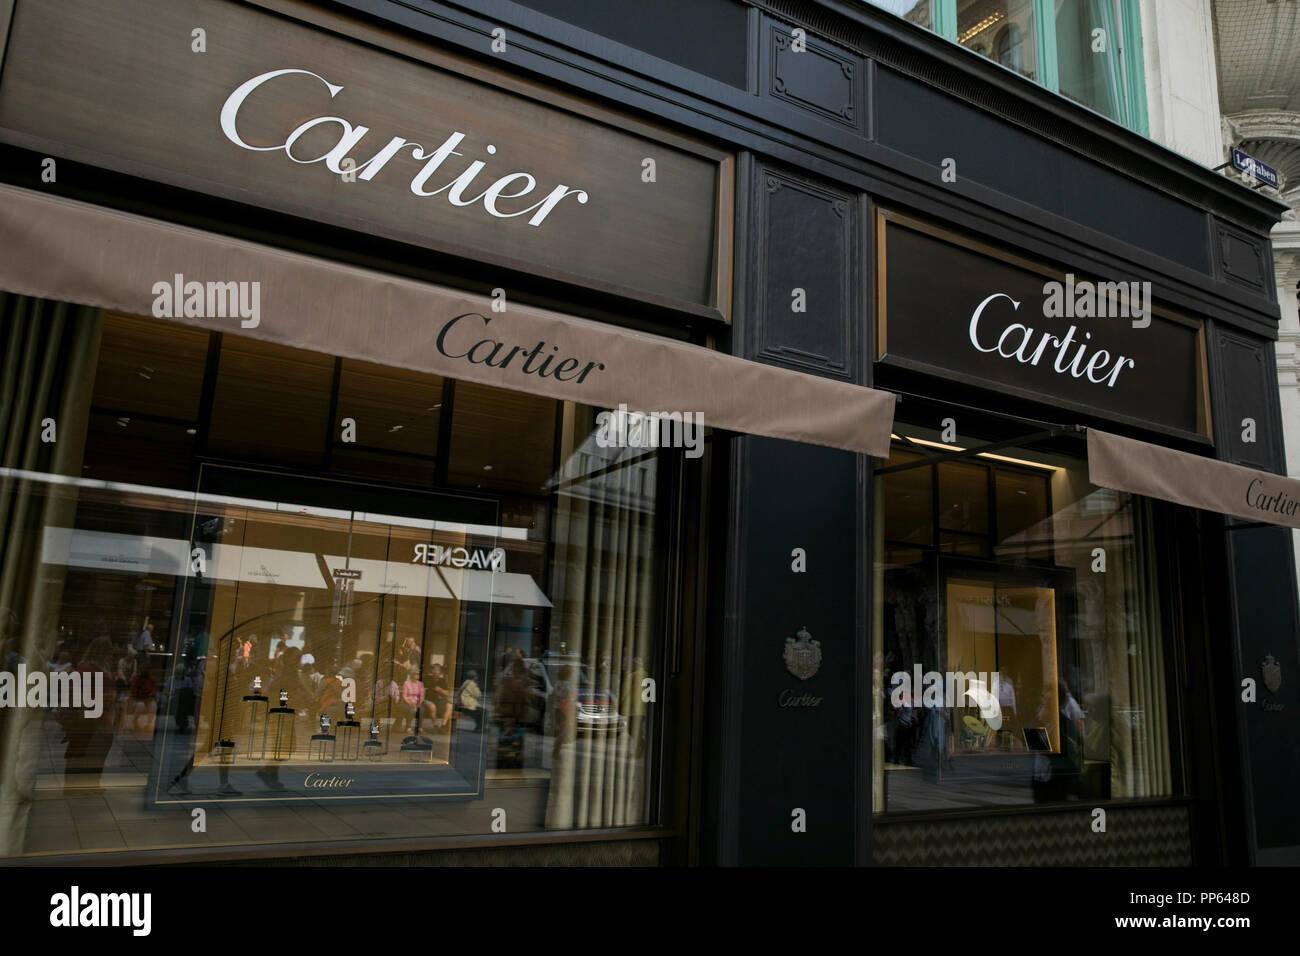 847c49ac5aad Un logotipo cartel fuera de una tienda minorista Cartier en Viena ...